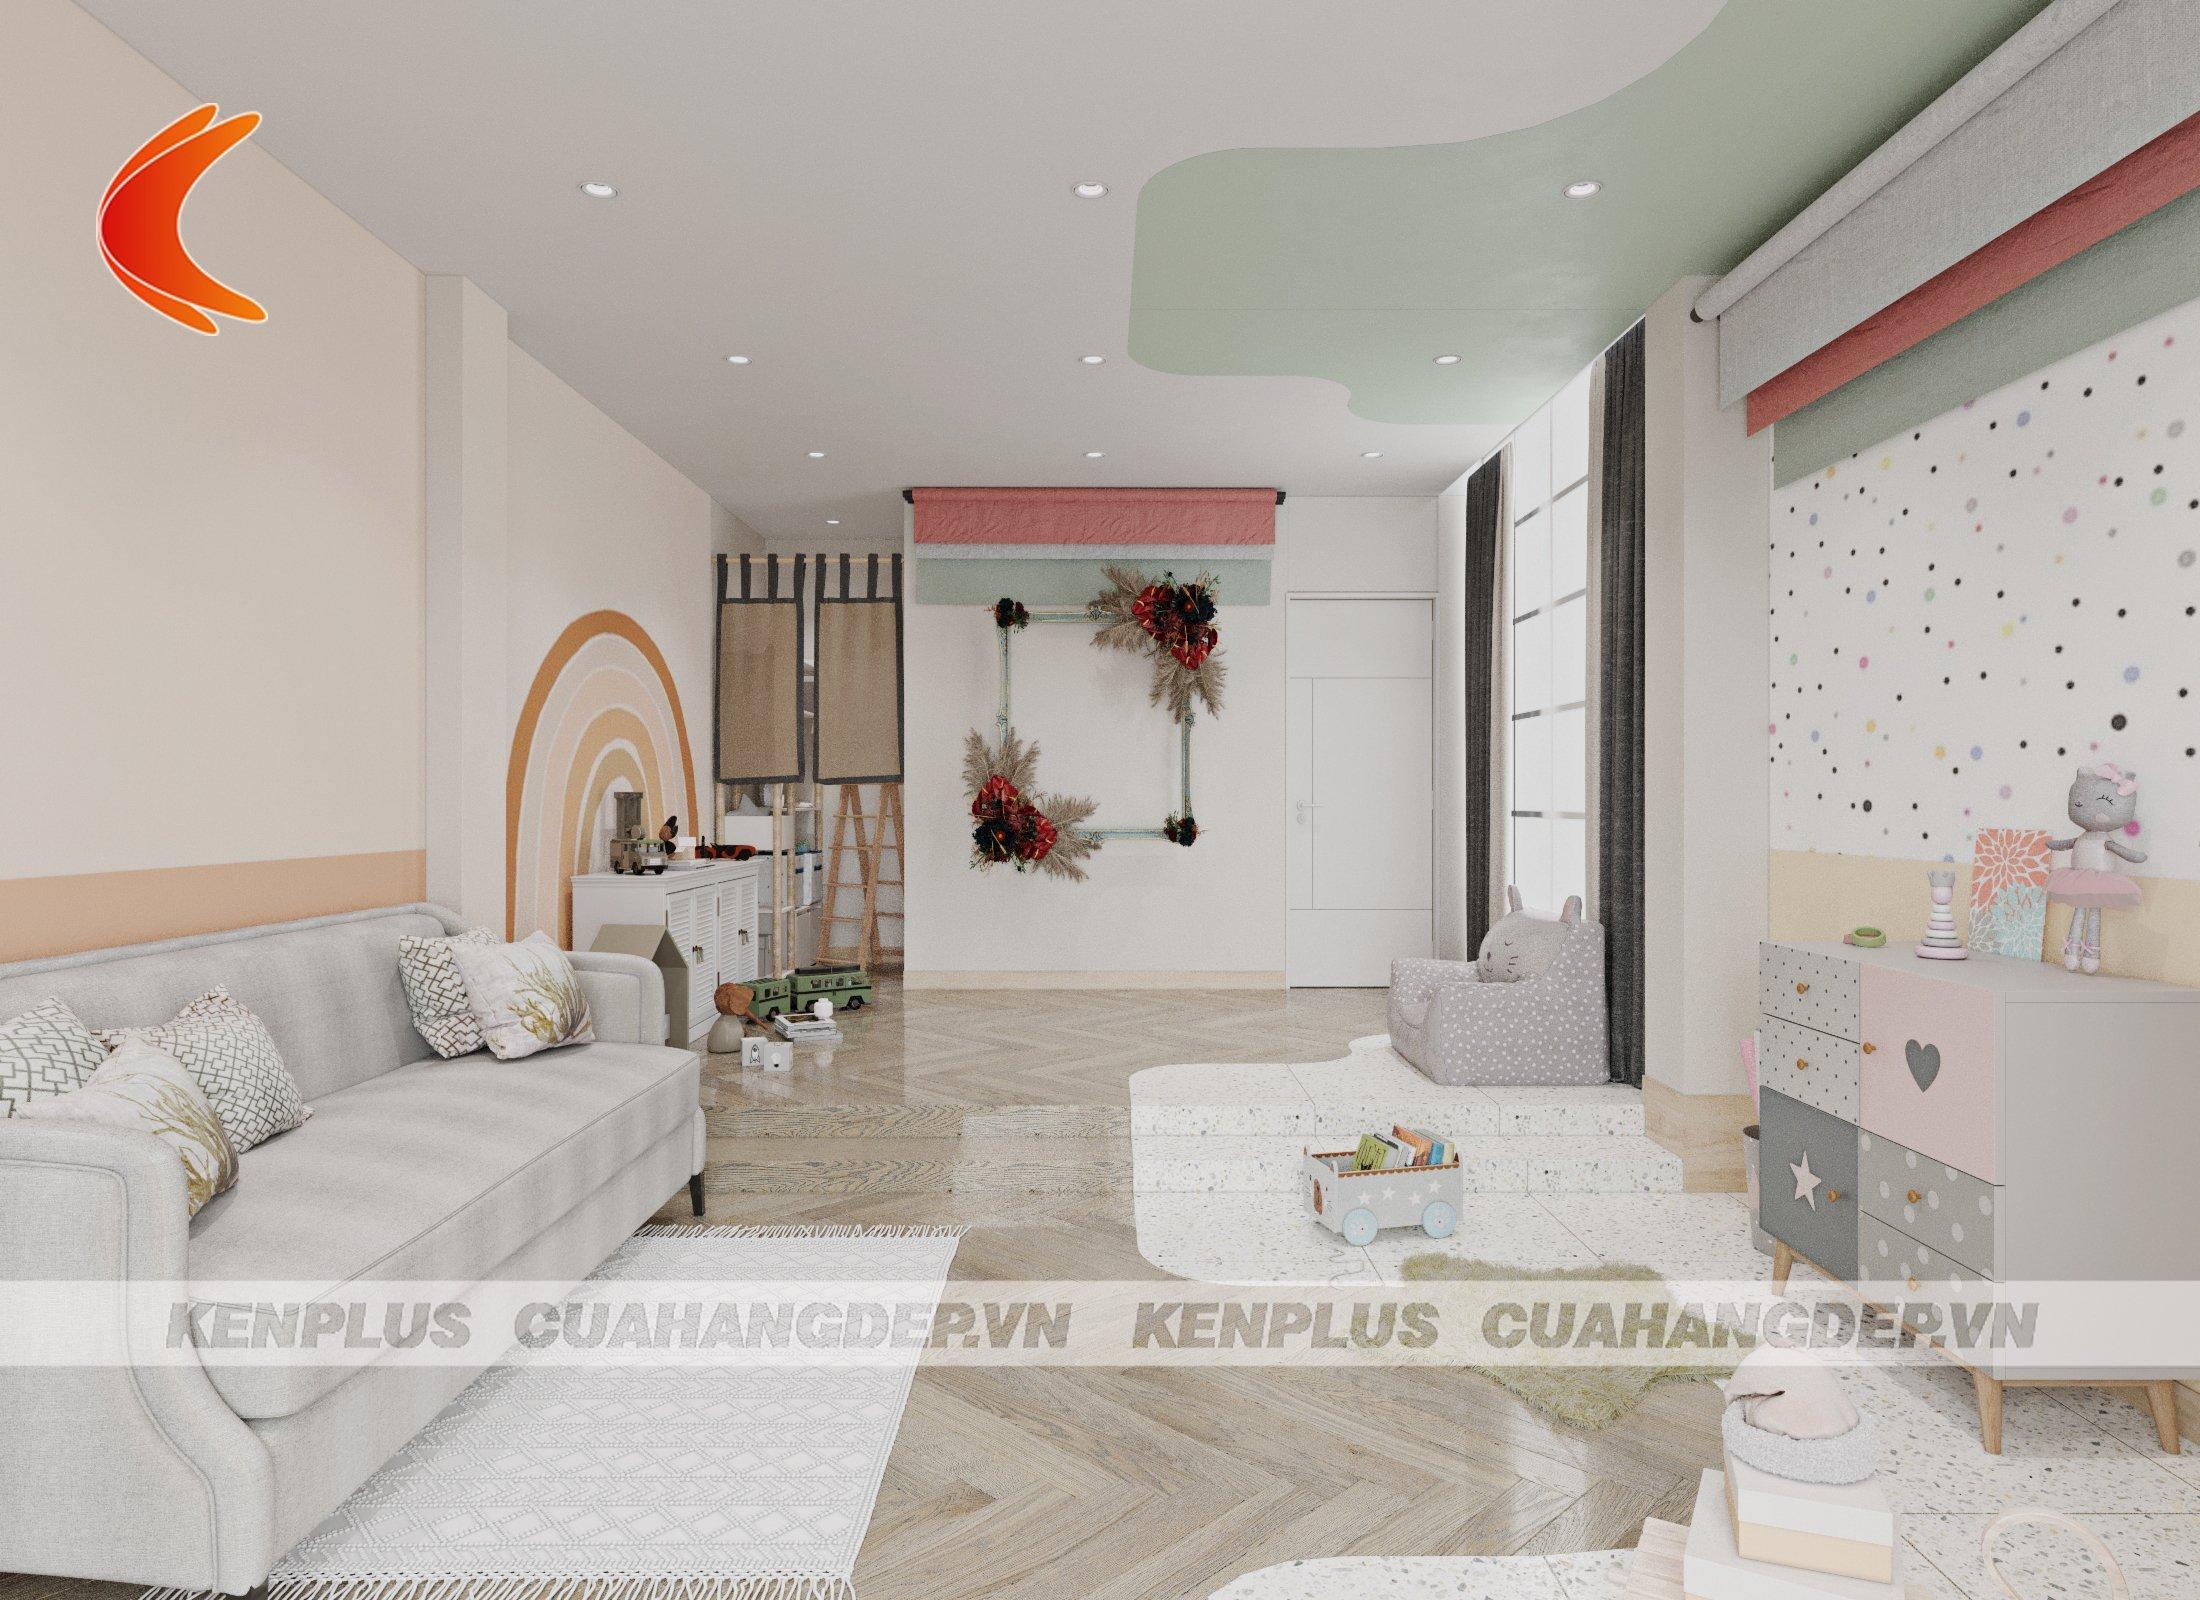 thiết kế tầng 2 nội thất linh động từng góc hình